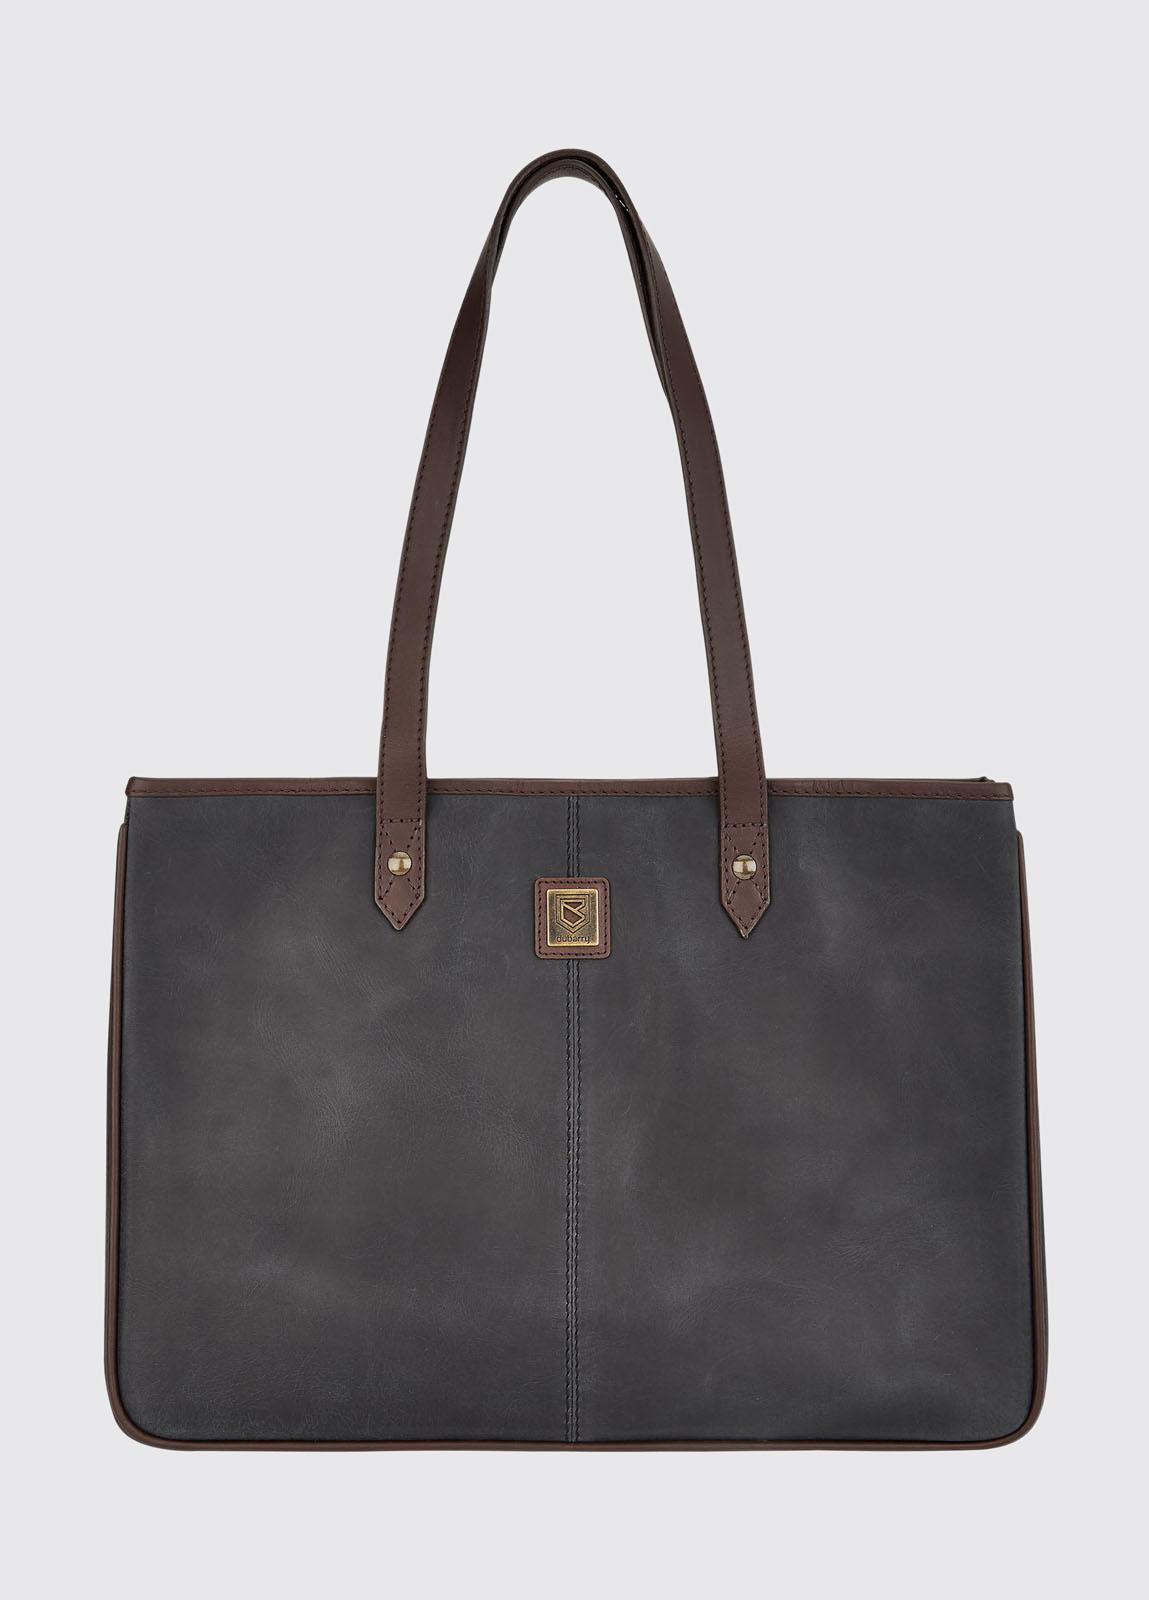 Loughrea Tote Bag - Black/Brown